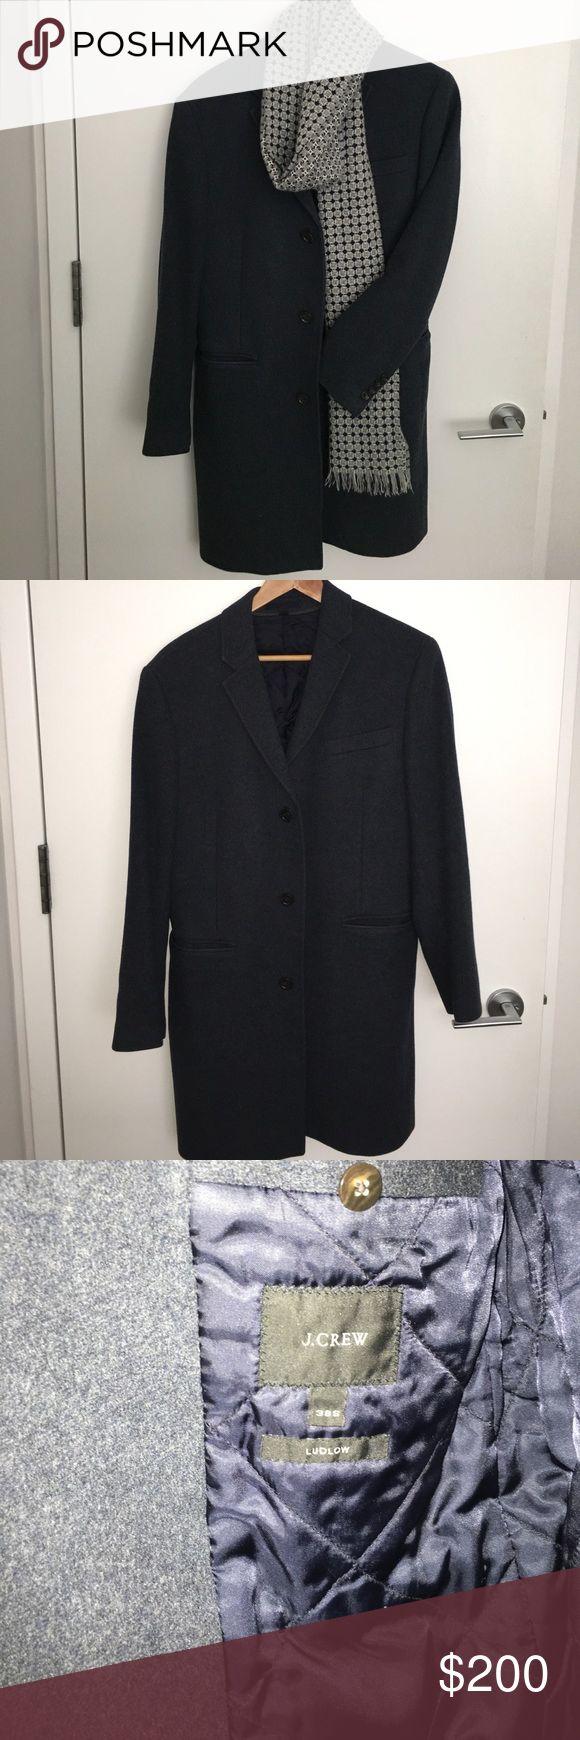 JCrew heather navy blue topcoat JCrew heather navy blue extra slim fit! J. Crew Suits & Blazers Sport Coats & Blazers